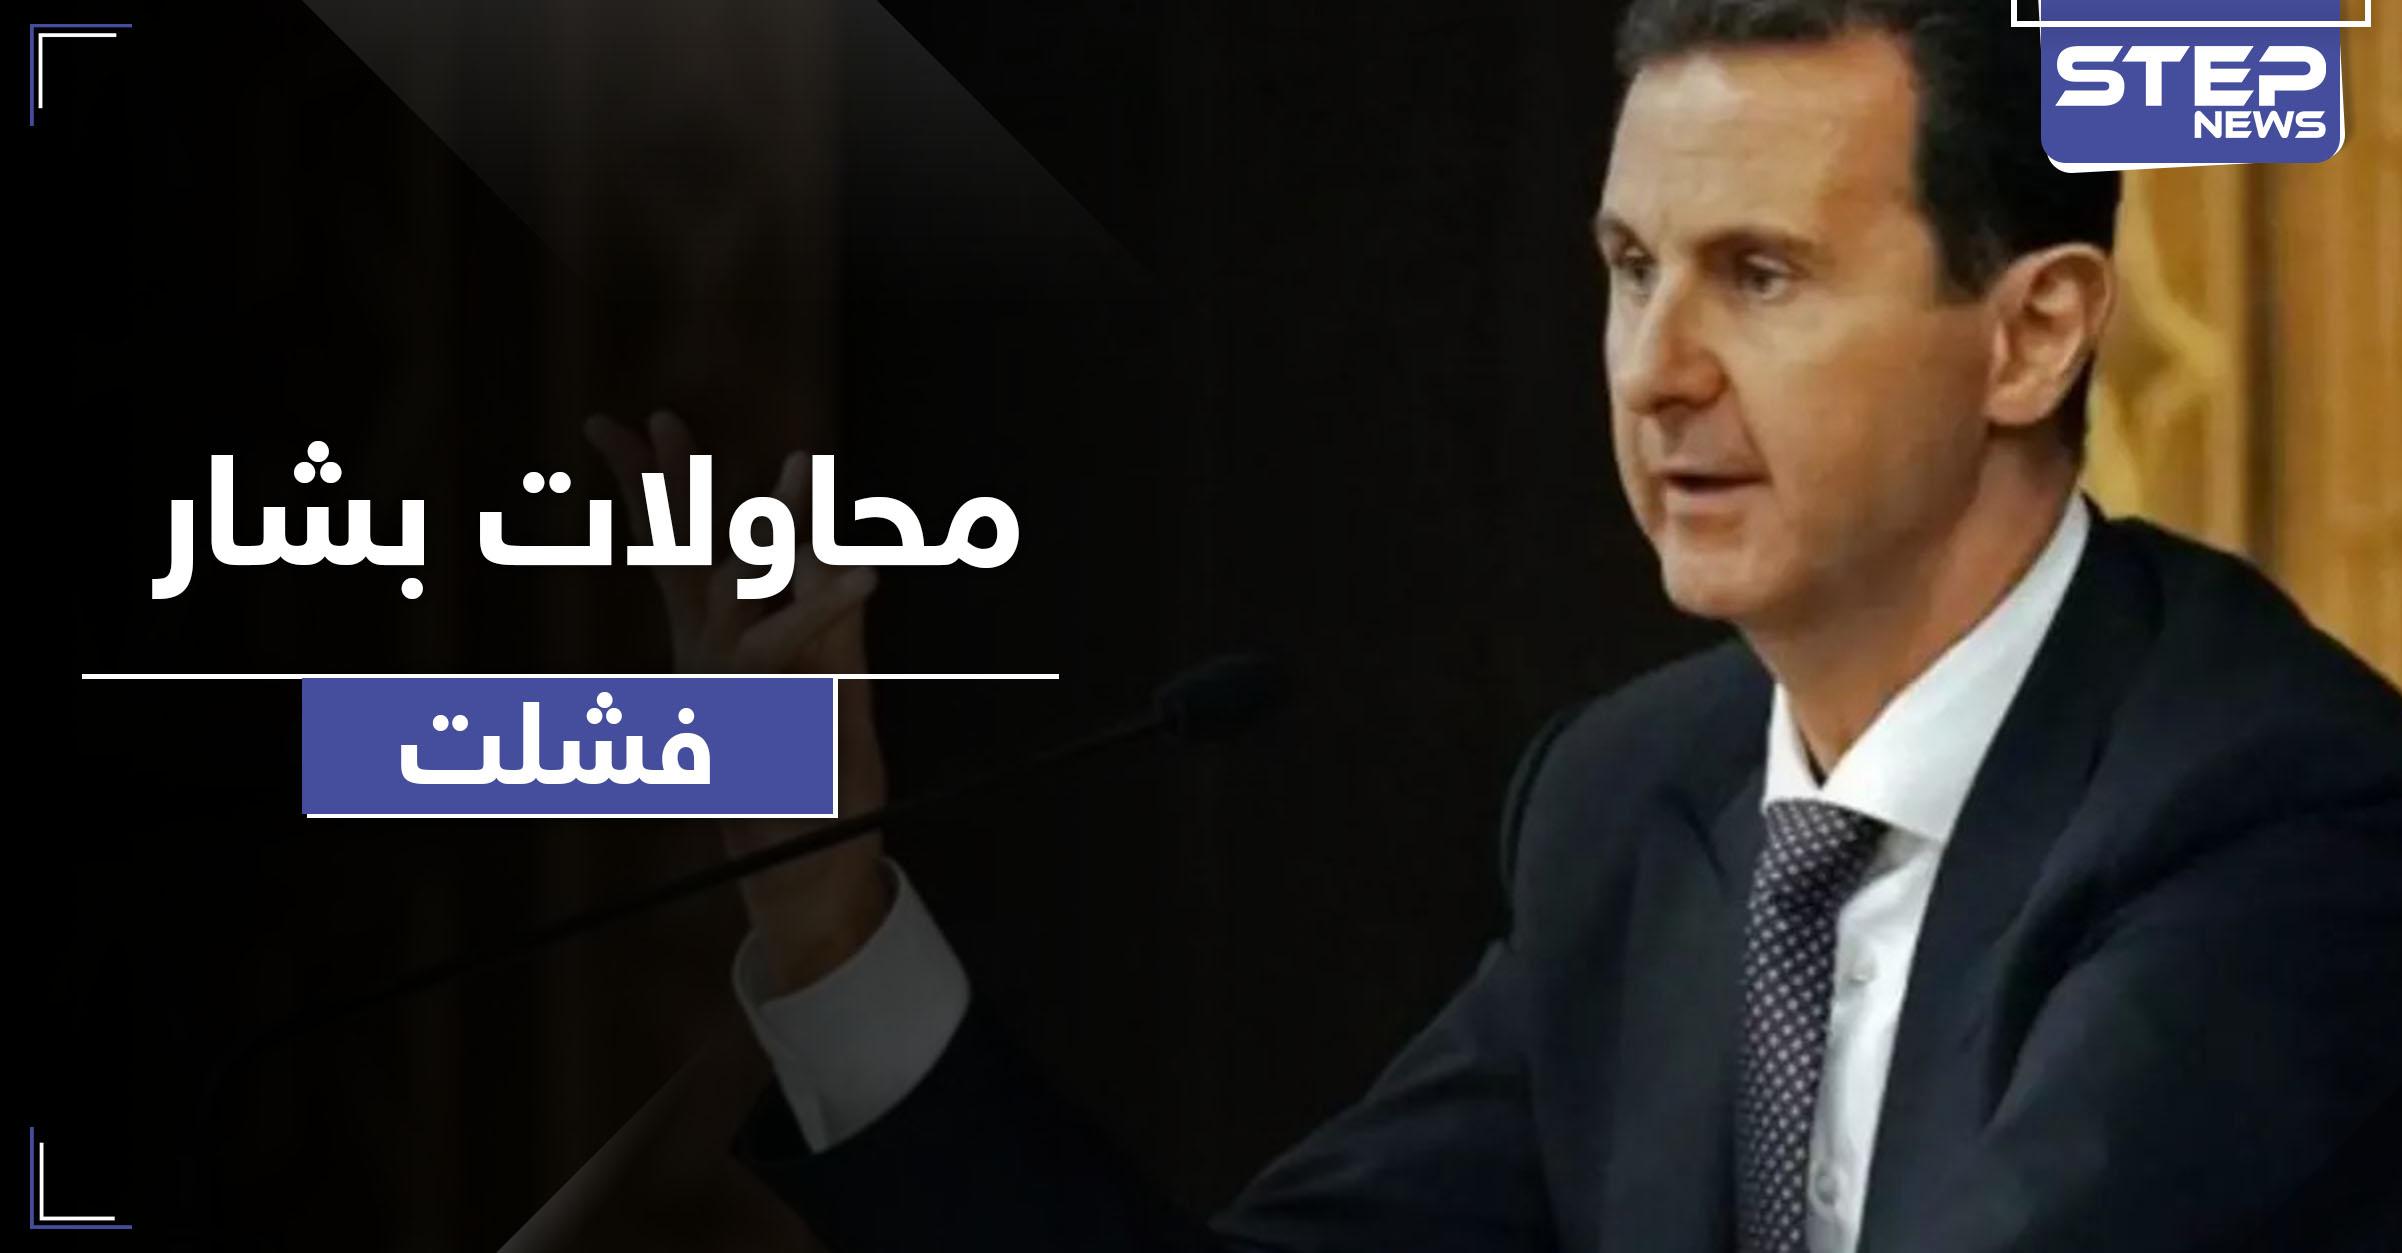 تفاصيل محاولة بشار الأسد عقد مصالحات مع الإخوان المسلمين